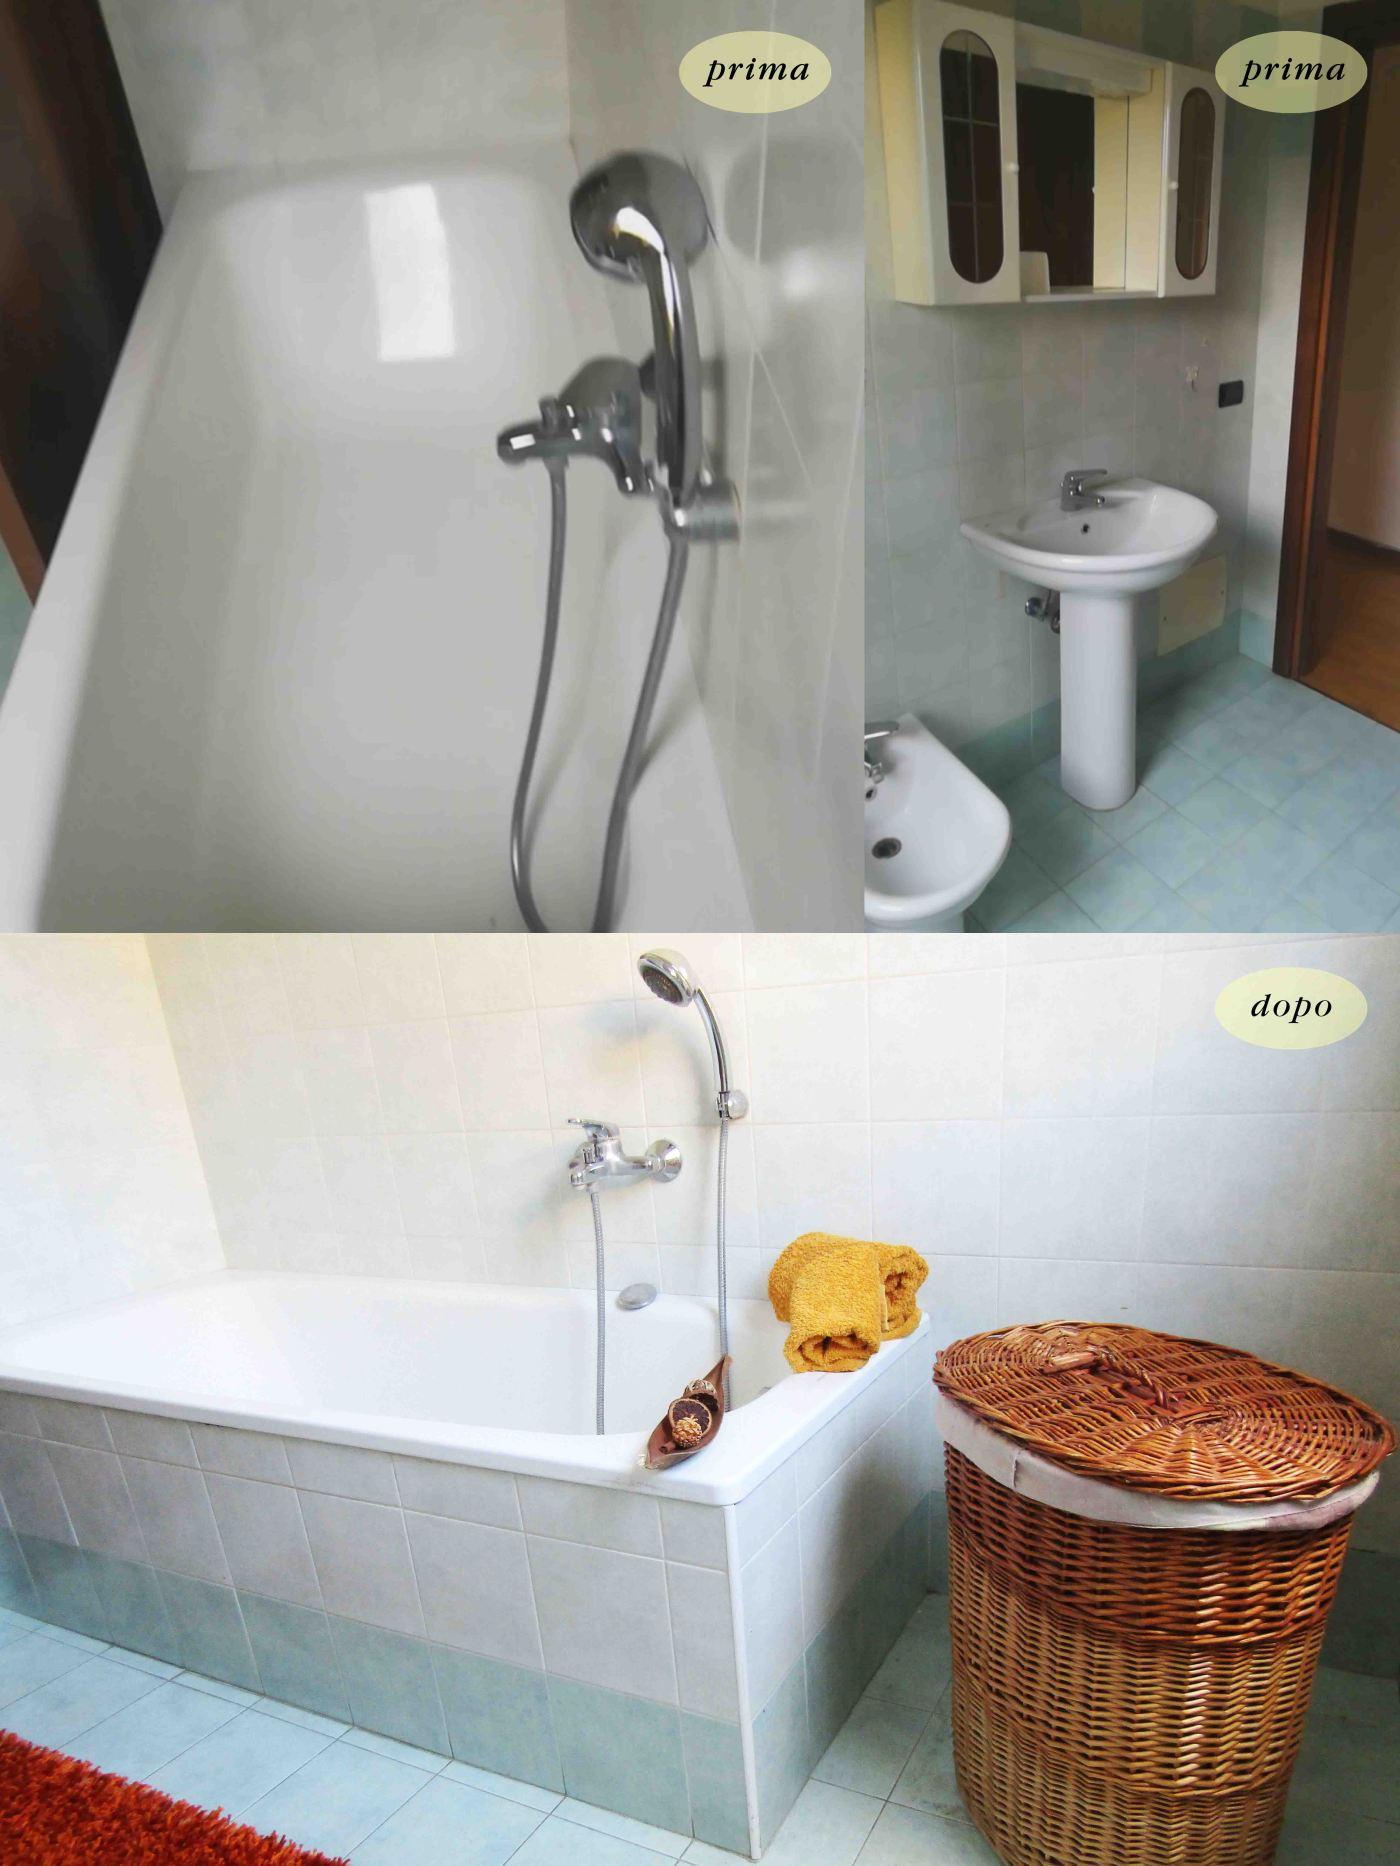 bagno 02 p+d sito